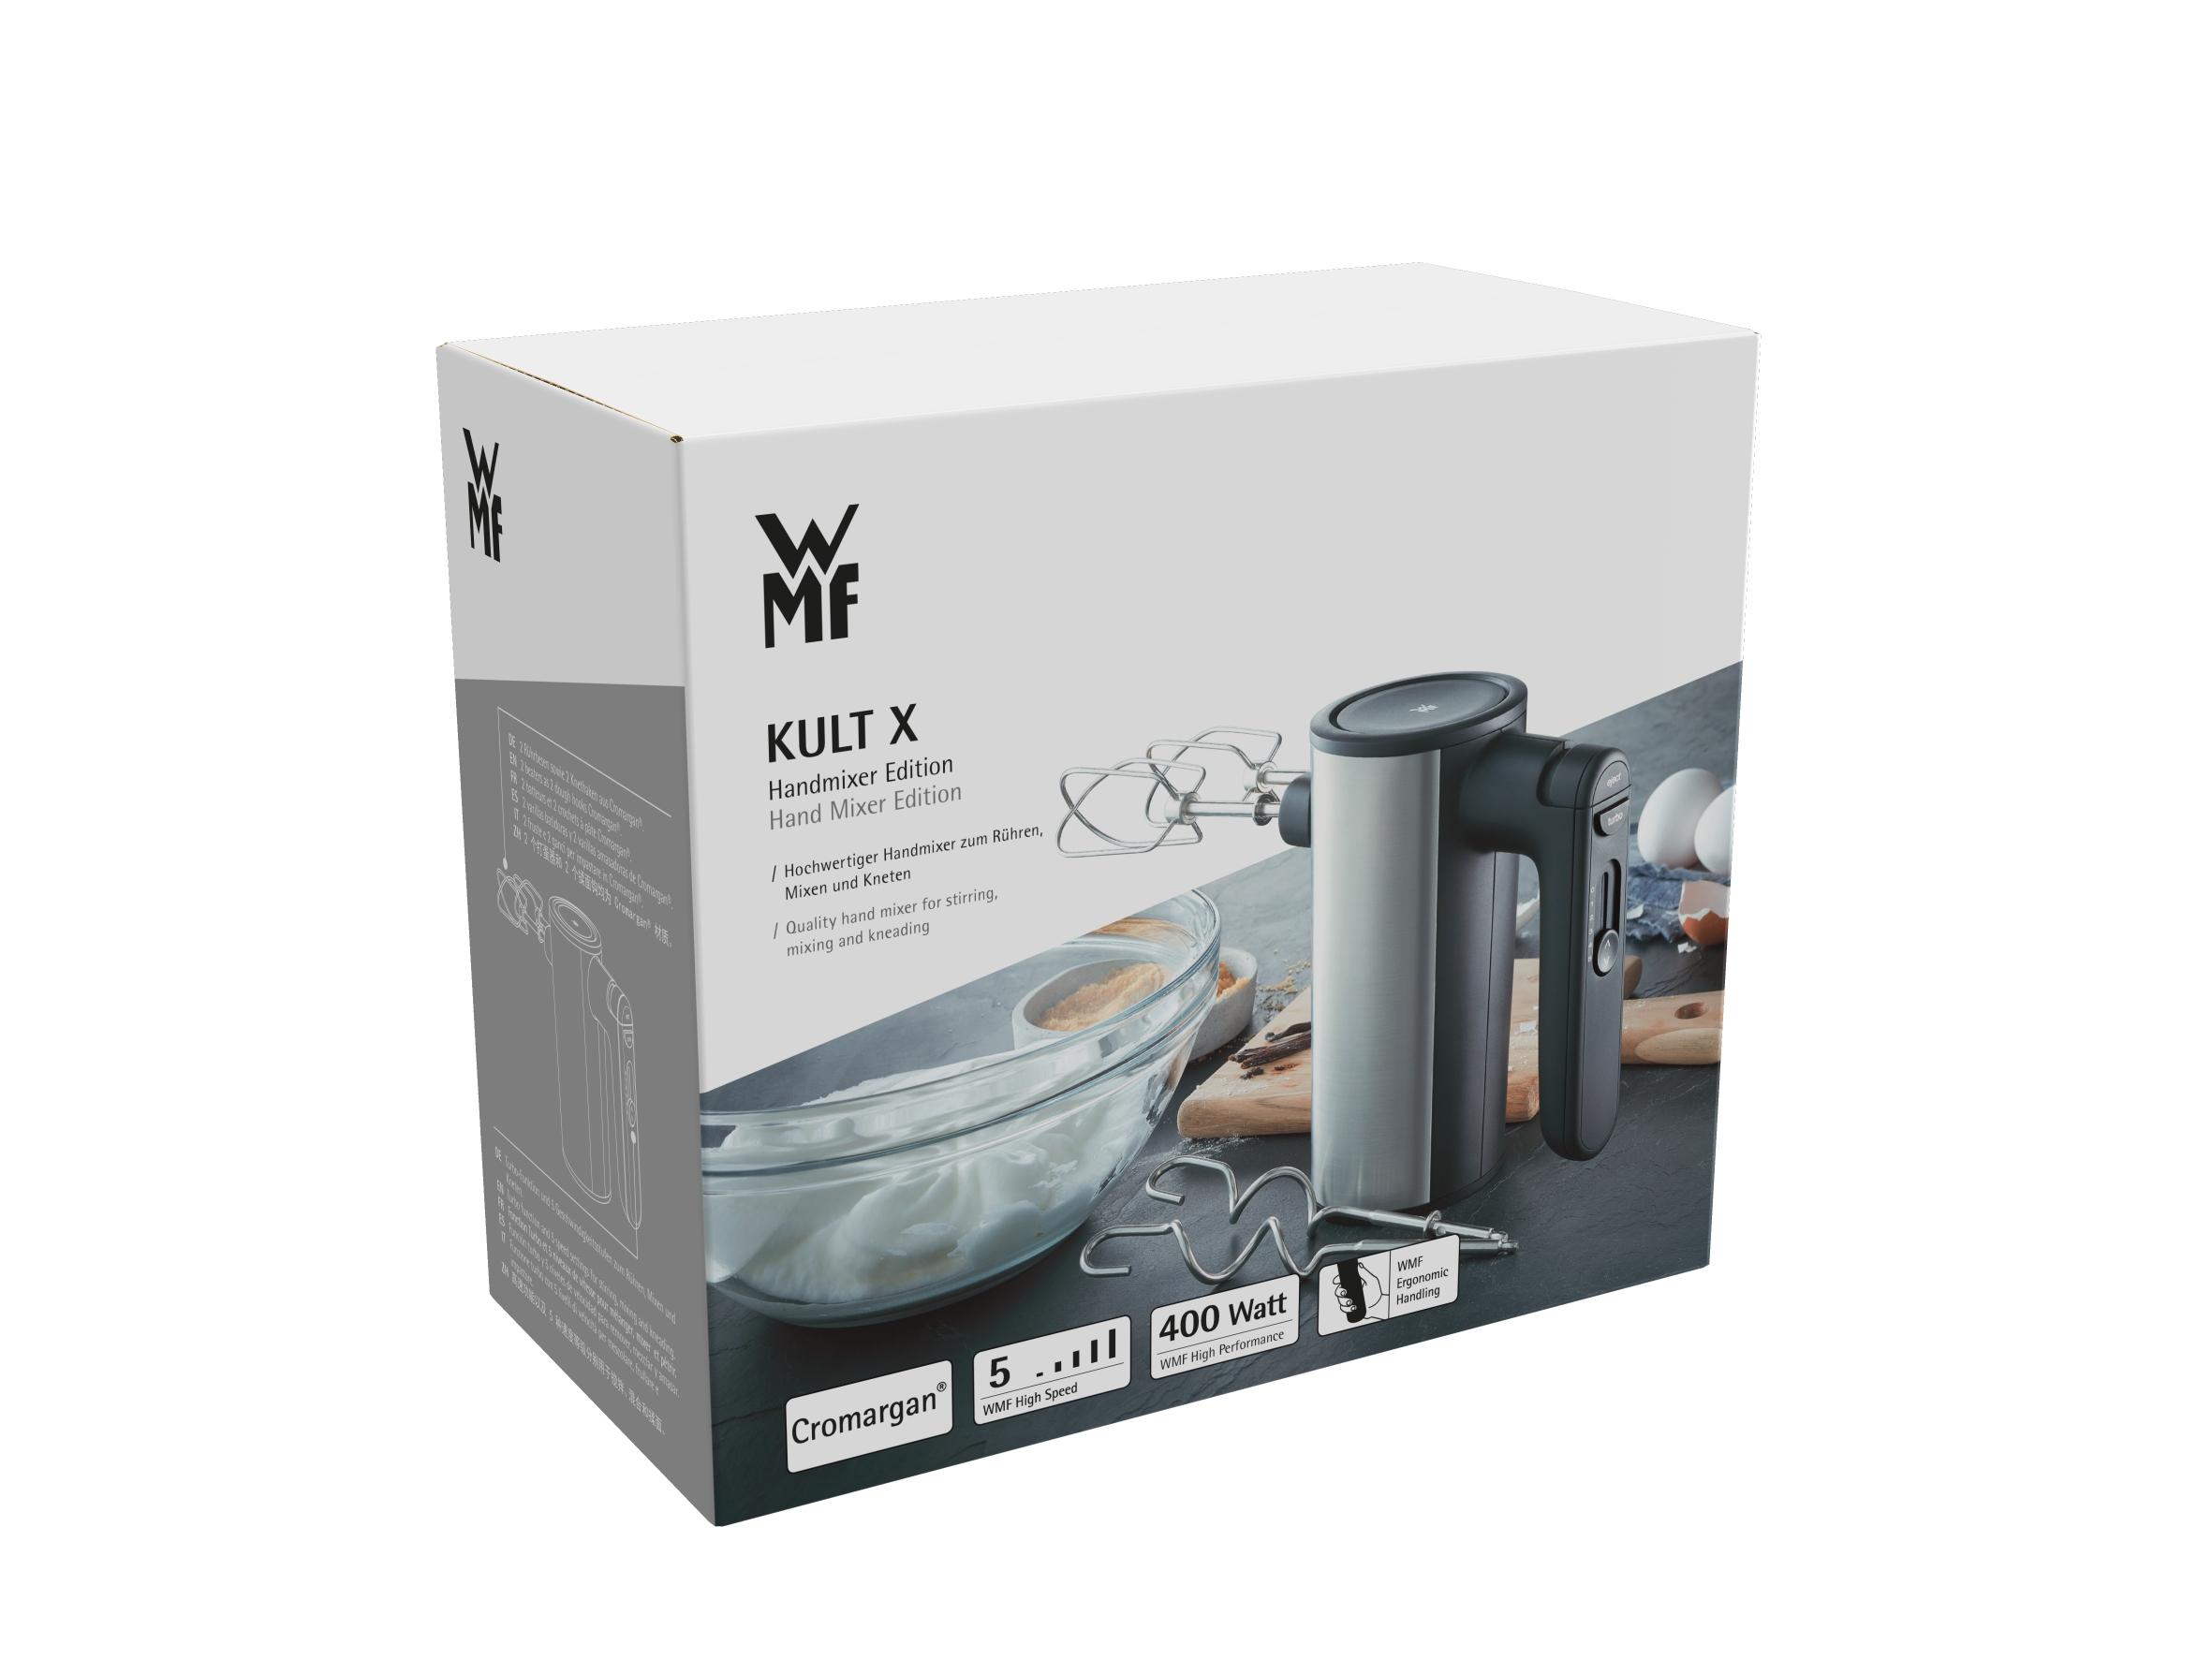 WMF Kult X El Mikseri Edition